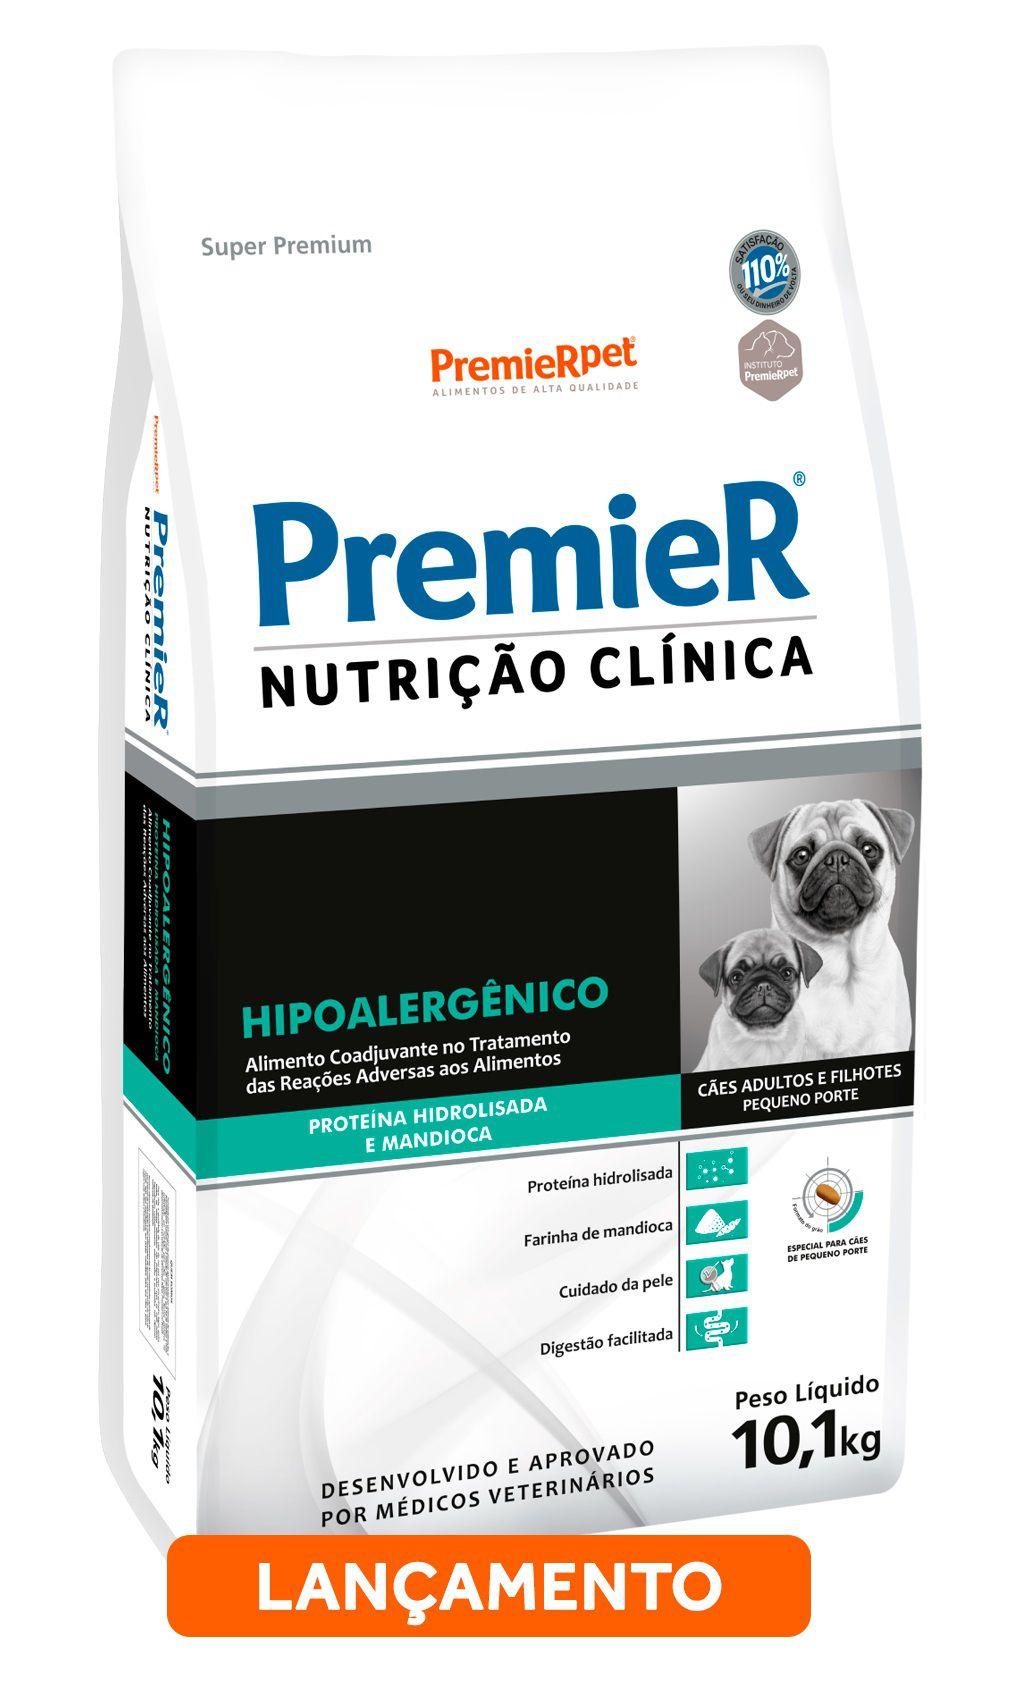 Ração Premier Nutrição Clínica Hipoalergênico para Cães de Pequeno Porte com Proteína Hidrolisada e Mandioca 10,1 Kg